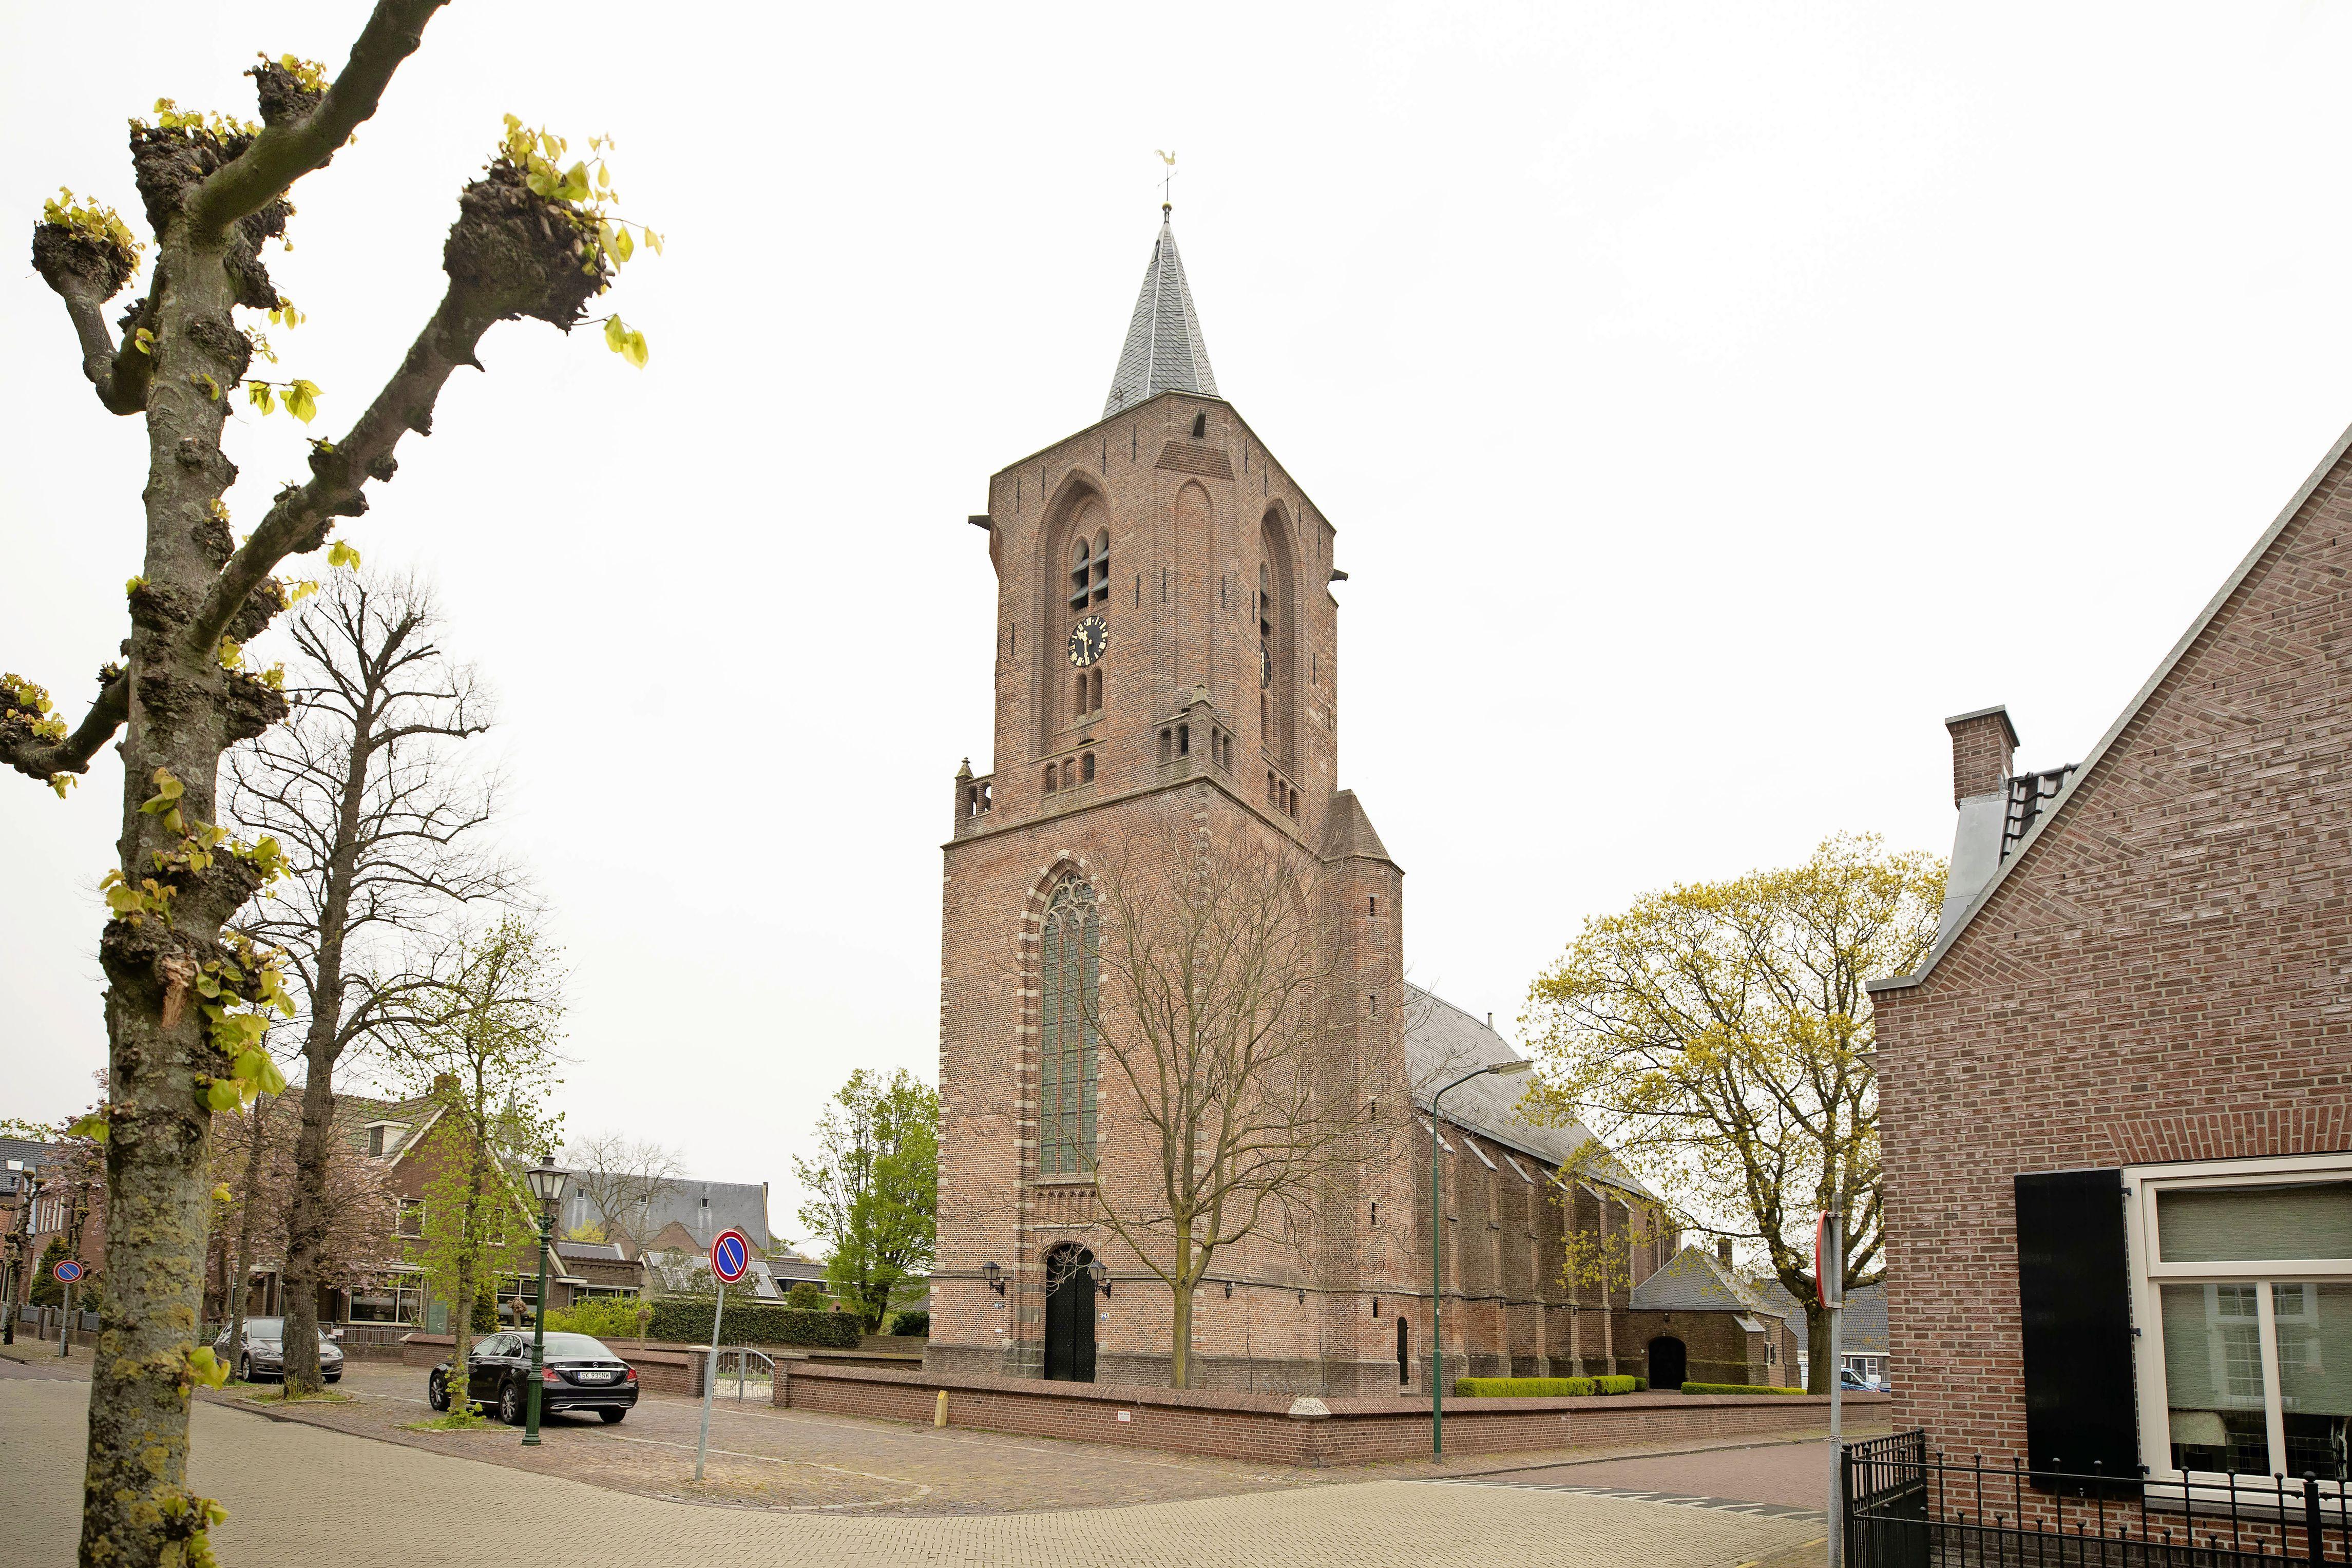 Omwonenden klagen over overlast van kerkklokken bij begrafenissen. Het college komt hen tegemoet en nu staat de rest van het dorp op z'n kop